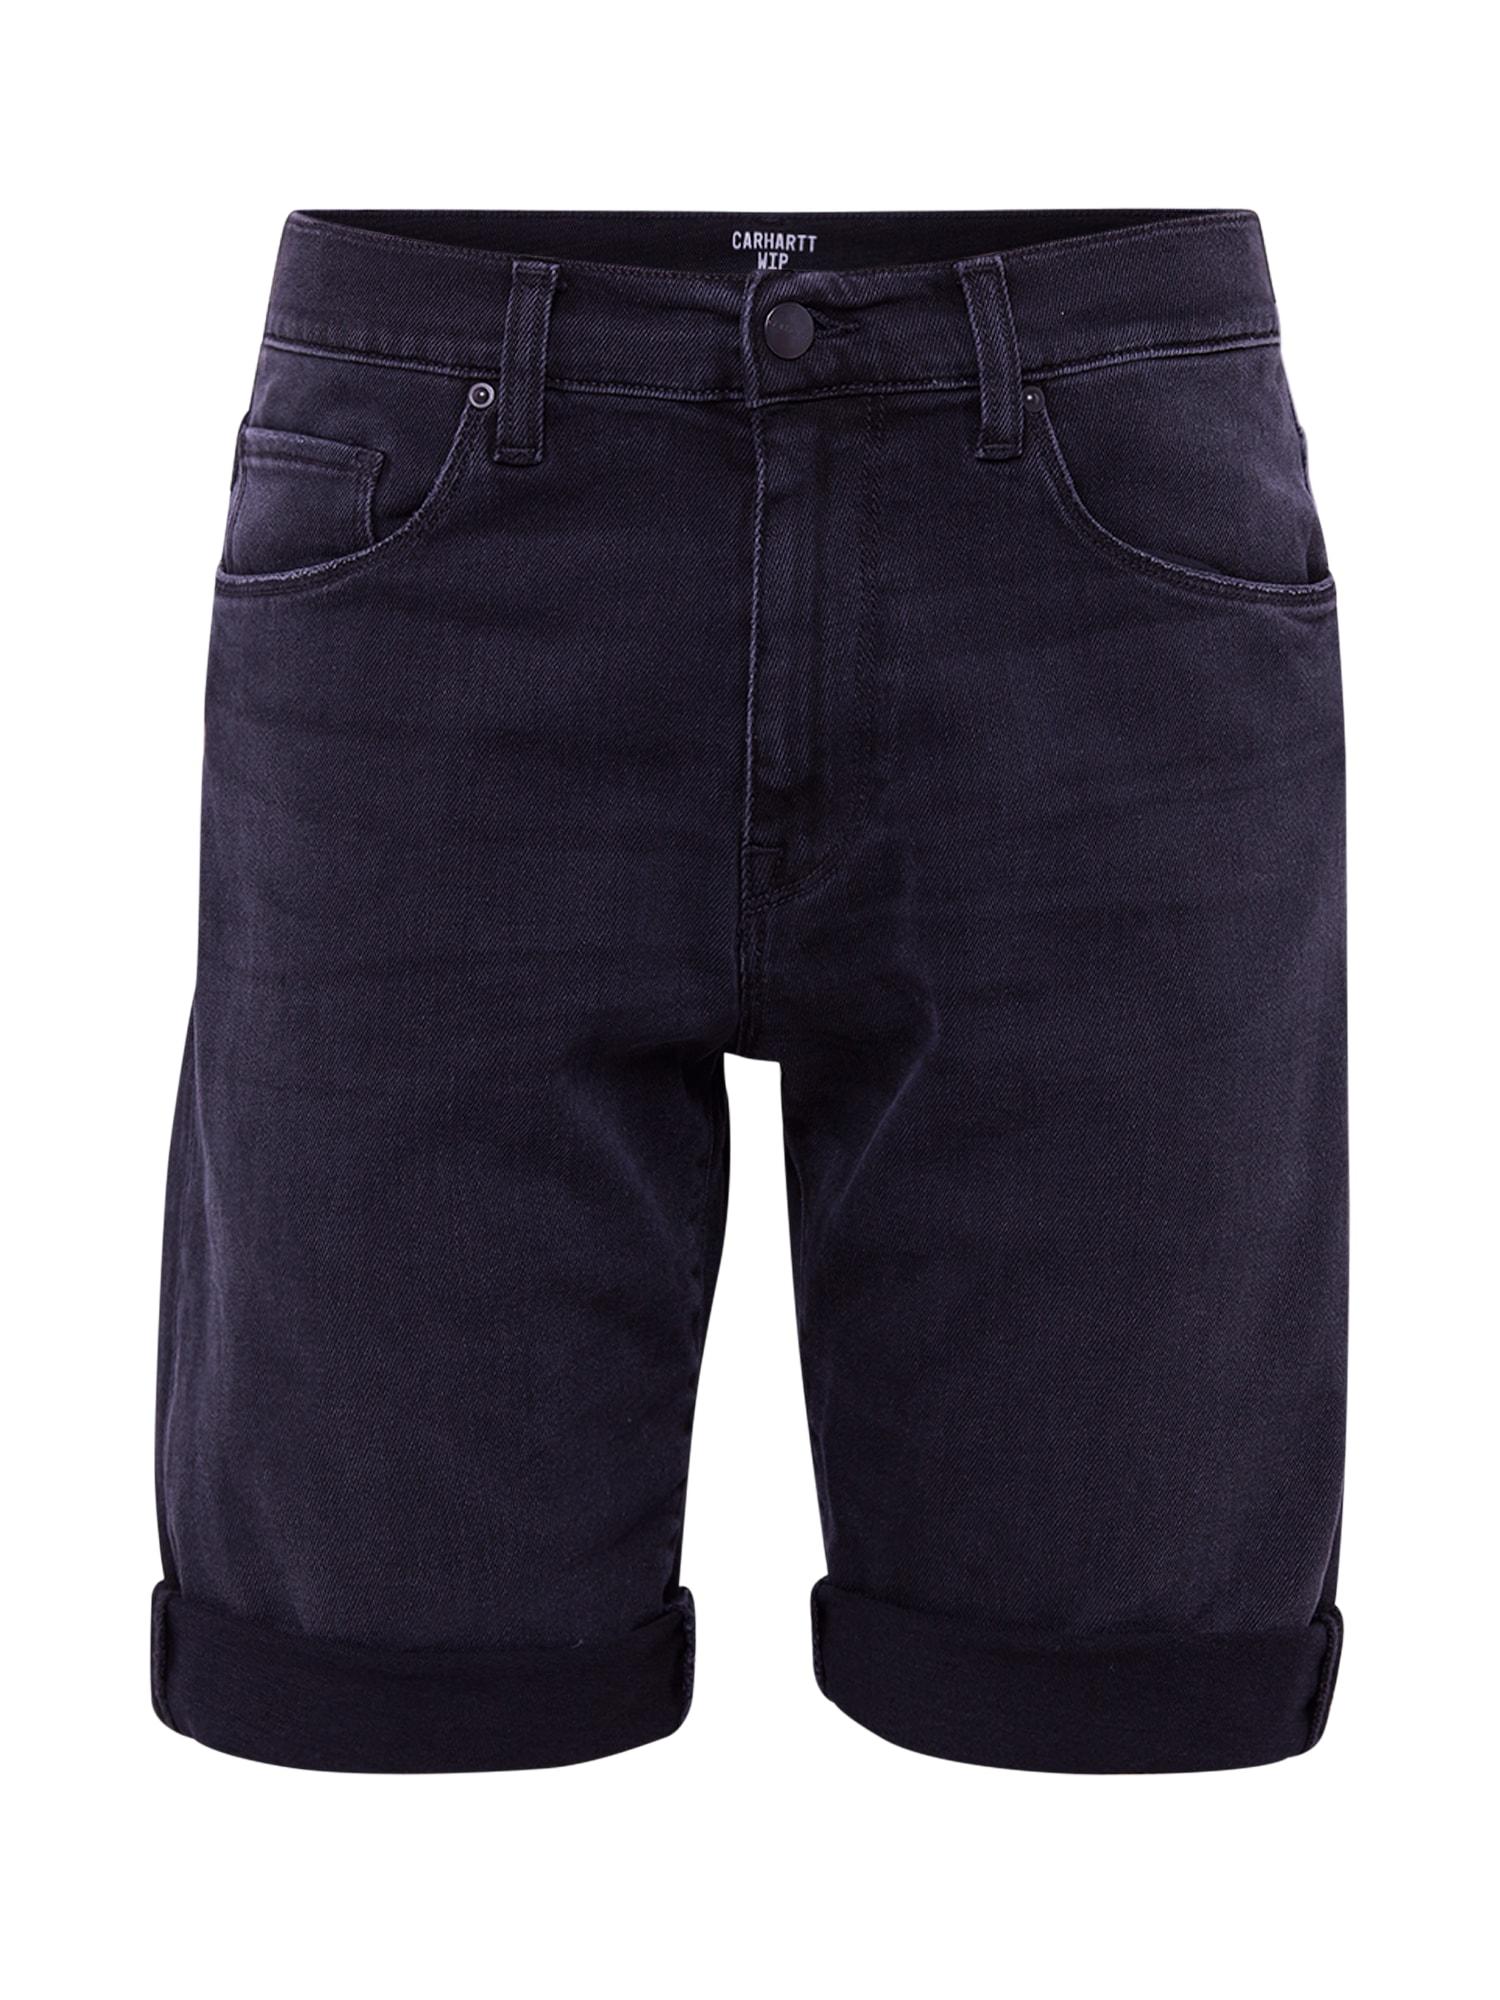 Carhartt WIP Džinsai 'Swell' juodo džinso spalva